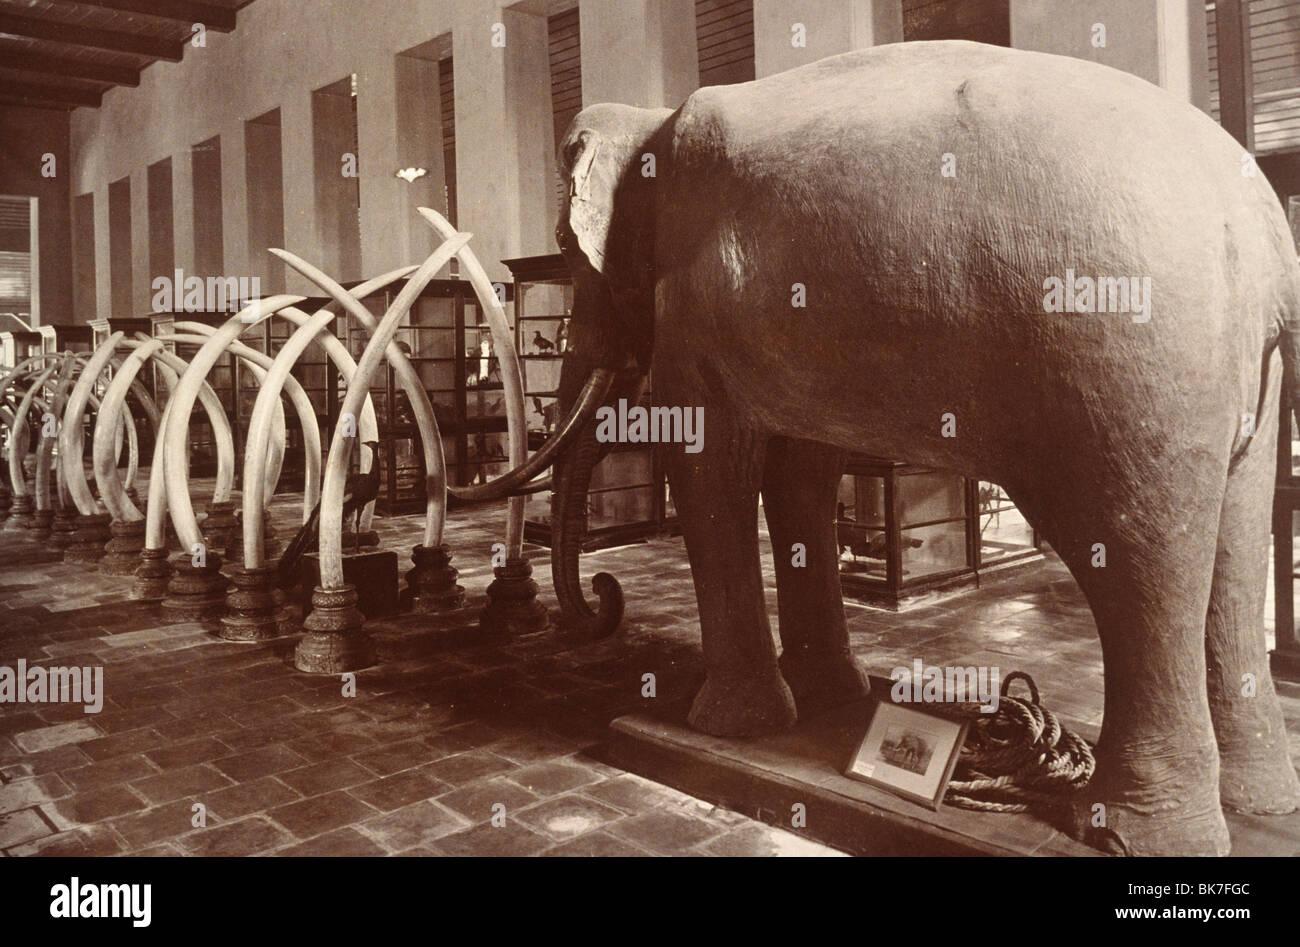 Farcite elefante e zanne d'avorio che risale circa al 1890, nel museo di Bangkok, Bangkok, Thailandia, Sud-est Immagini Stock